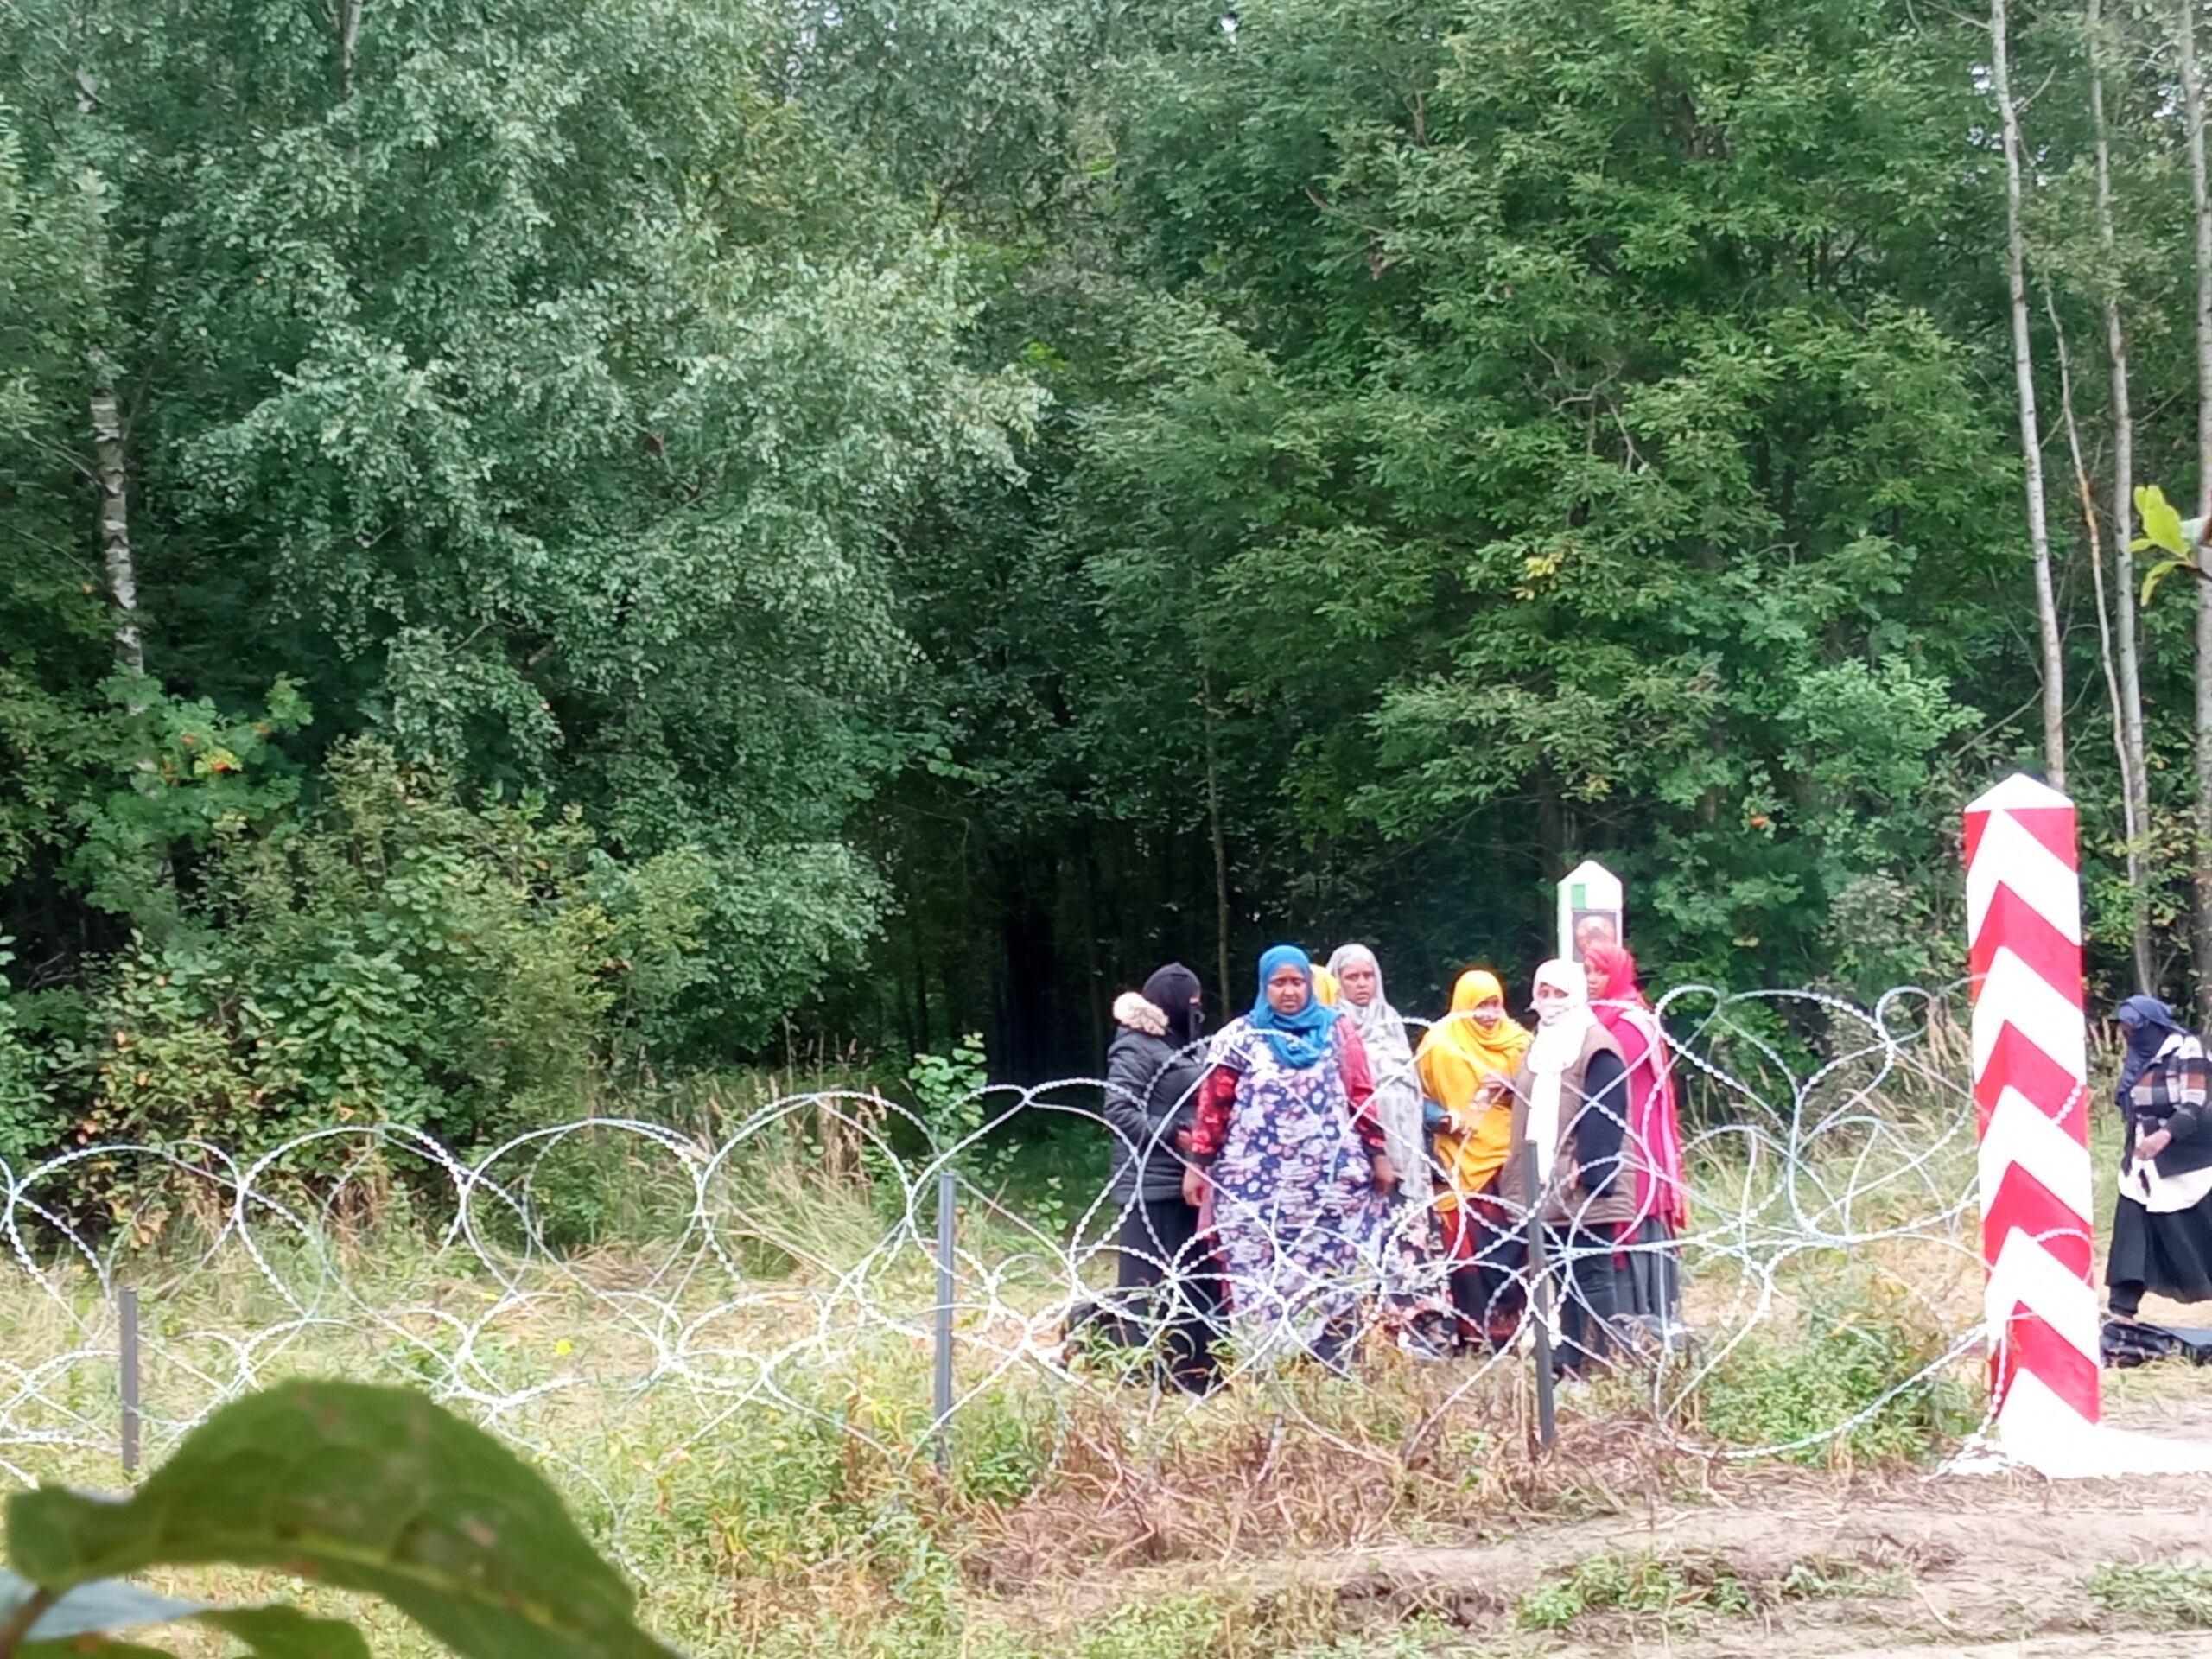 Somalijki na pograniczu Polski i Białorusi